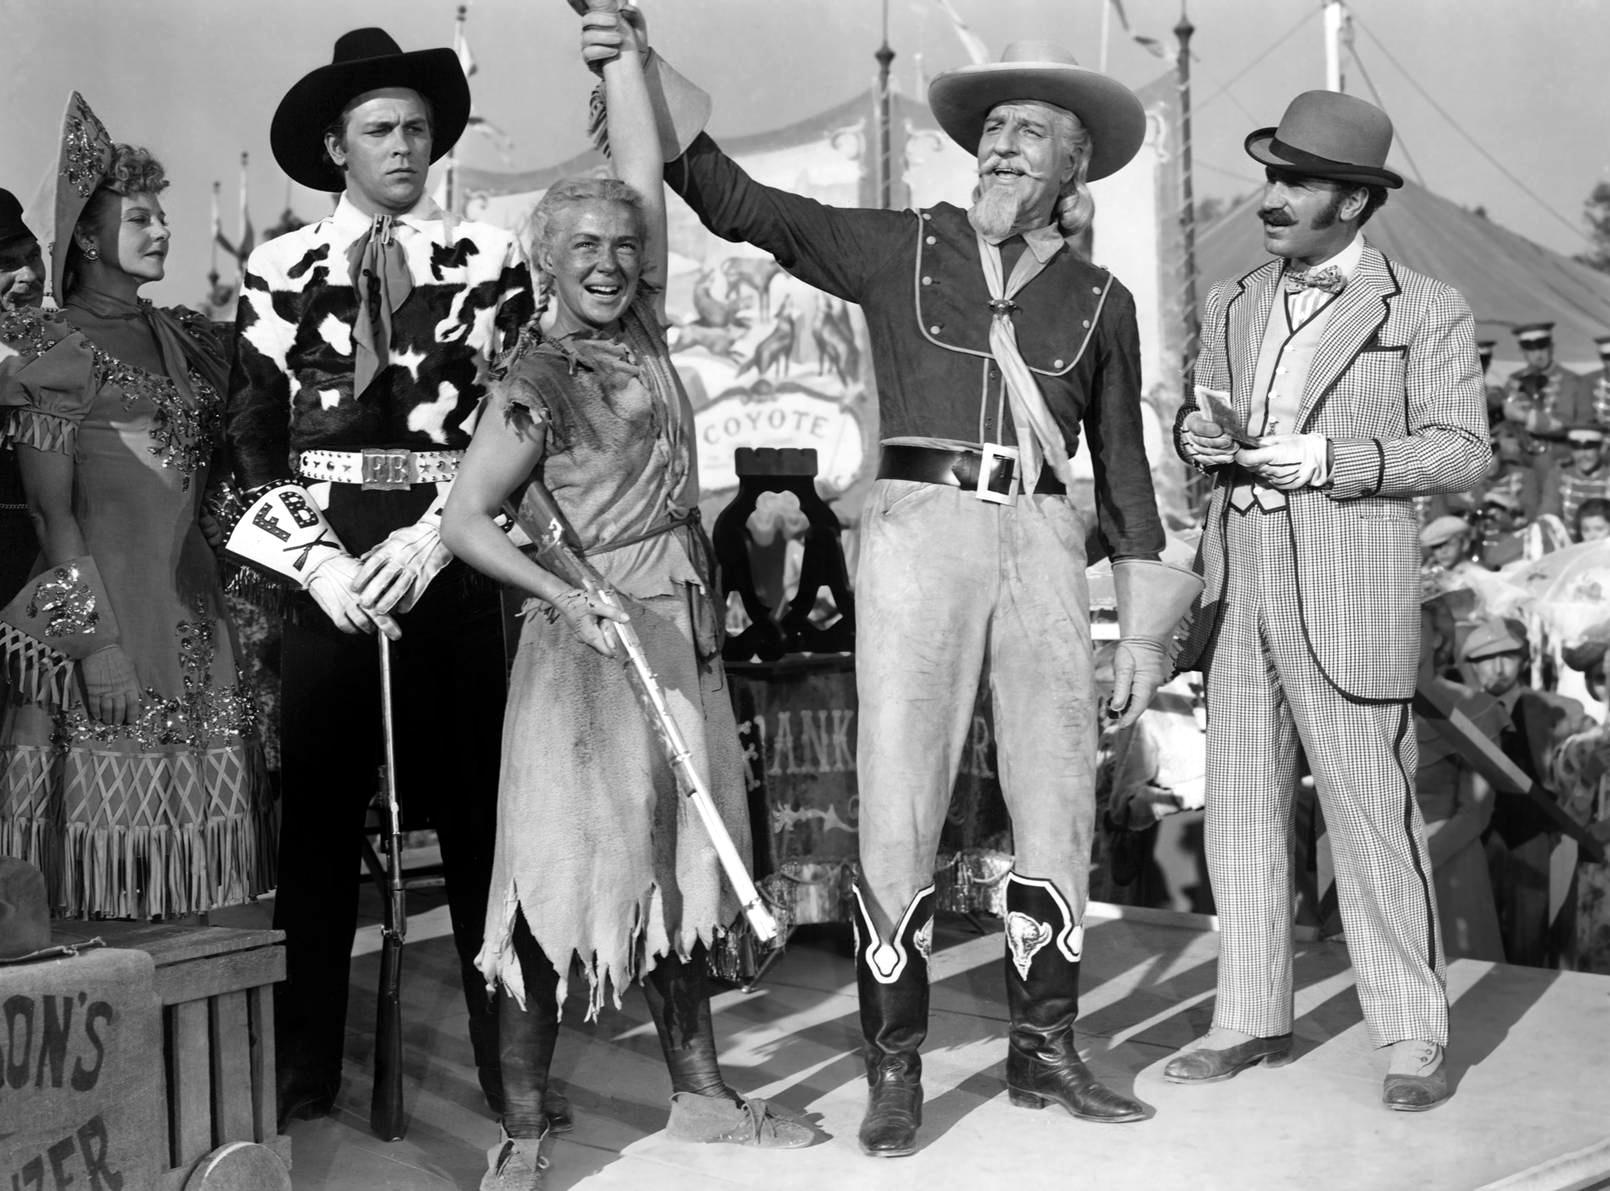 Betty Hutton in Annie Get Your Gun  (L to R) Howard  Keel, Betty Hutton, Louis Calhern, Keenan Wynn